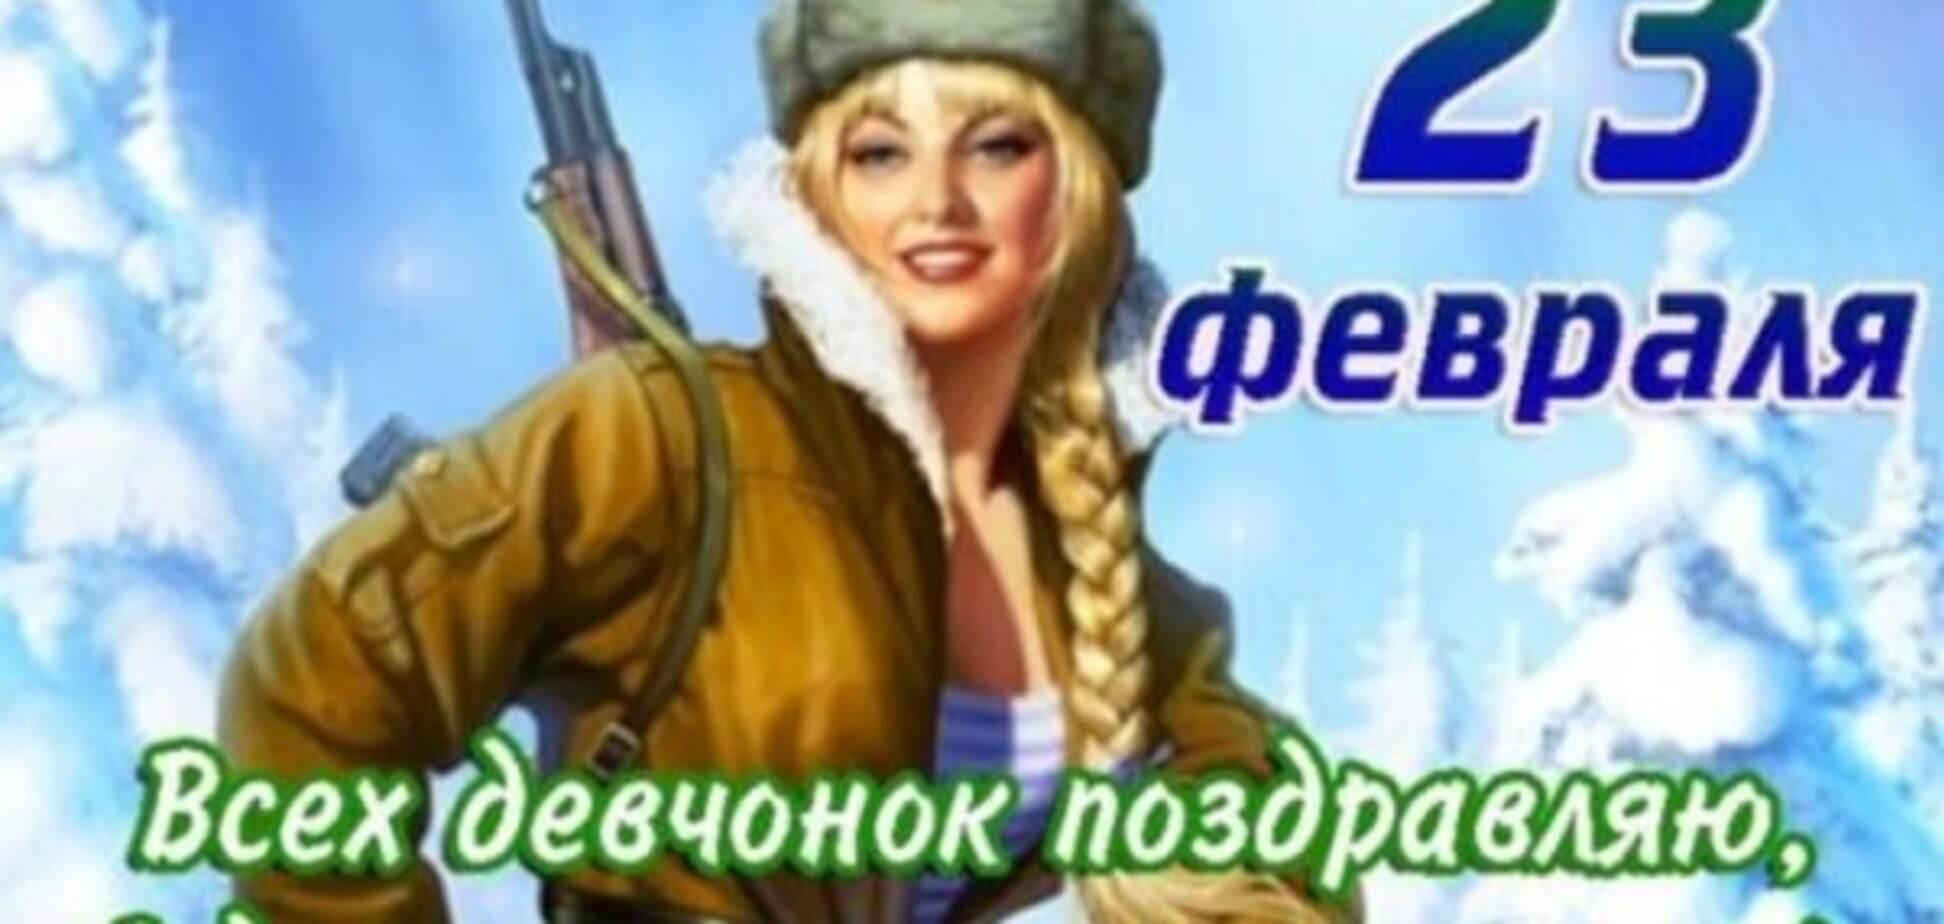 Відсвяткувала, танкістка! 23 лютого п'яна росіянка протаранила 17 авто: відеофакт